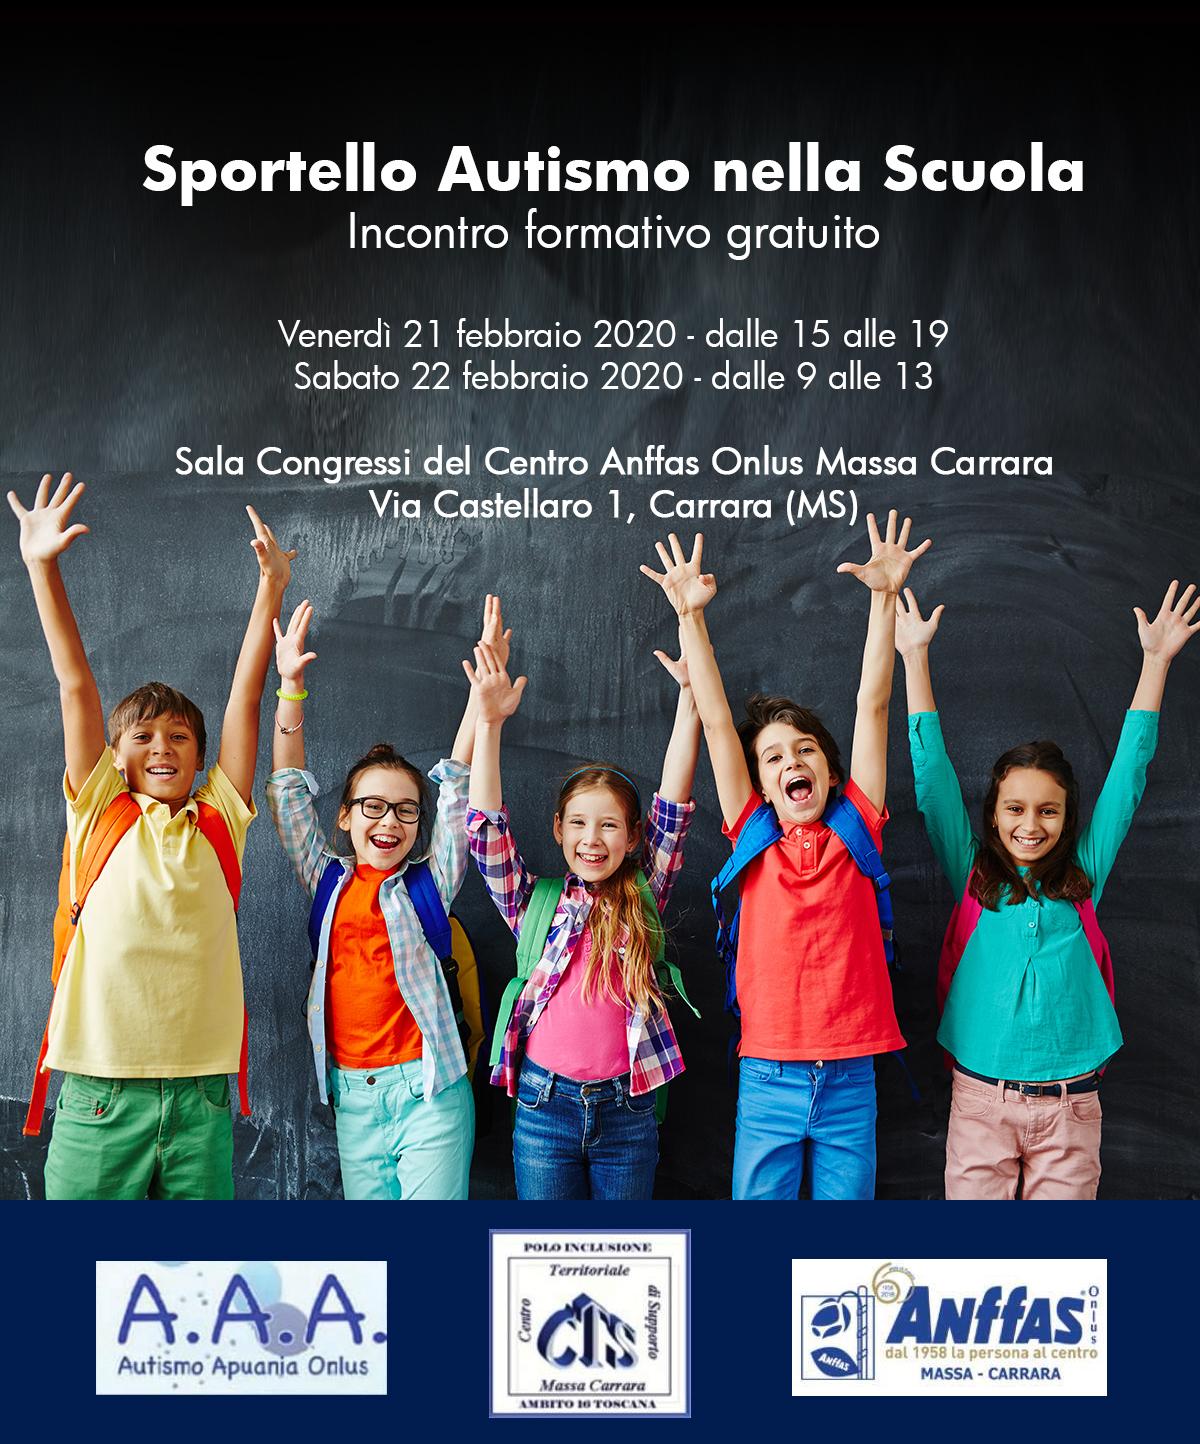 Sportello Autismo Nella Scuola